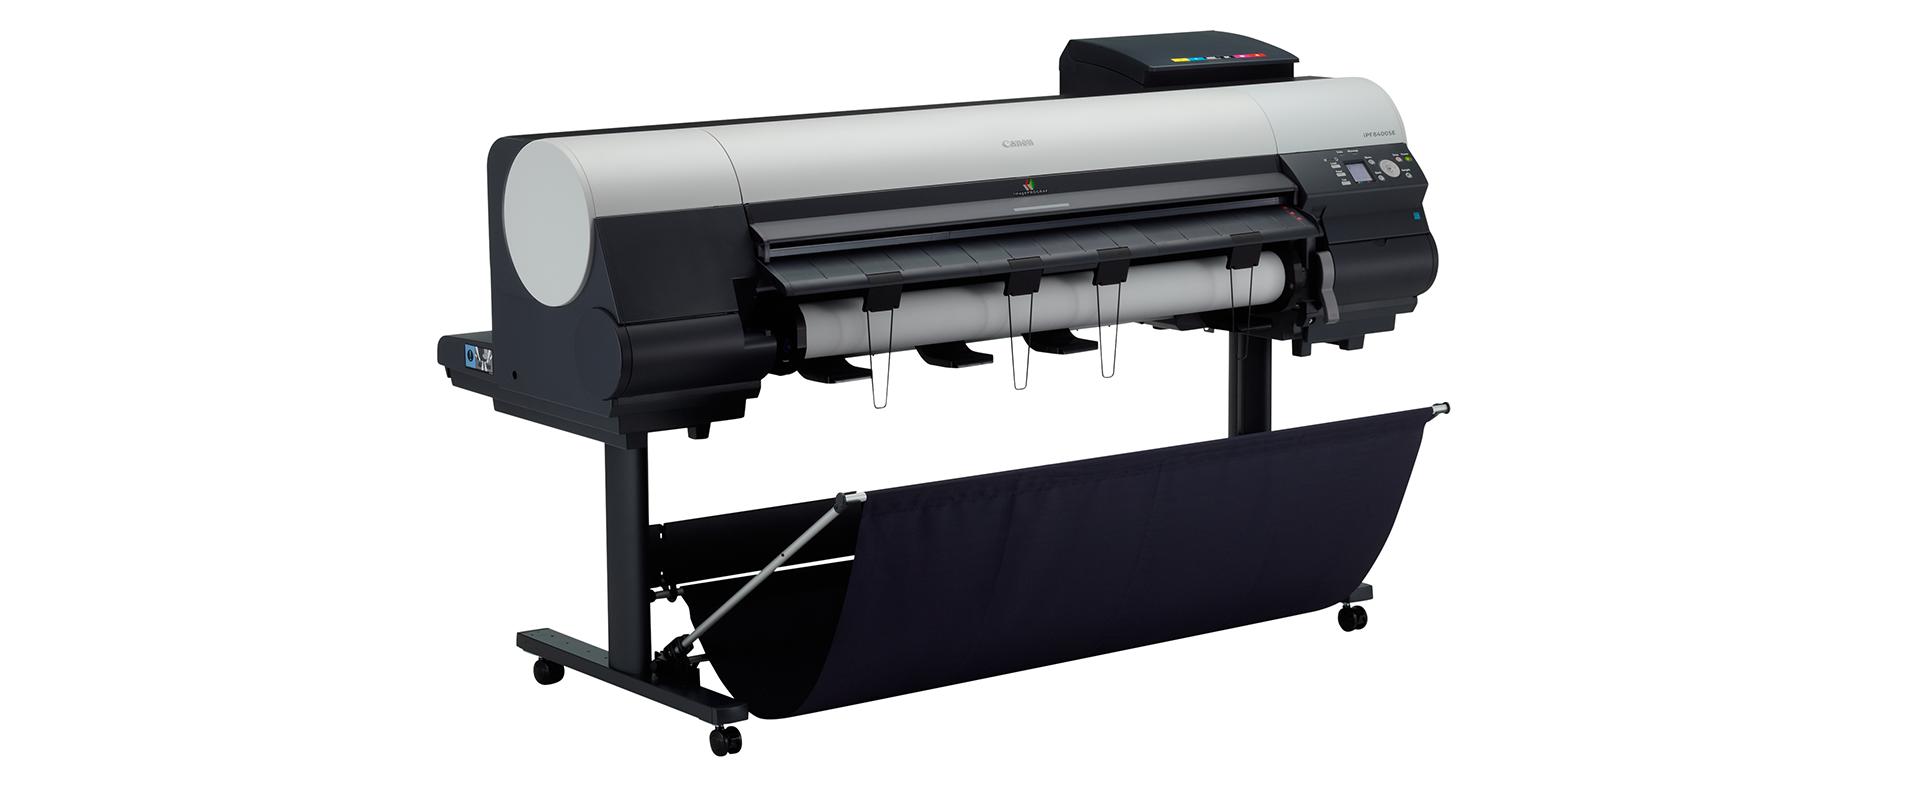 Принтеры с широкой душой. Краткий гид по устройствам для широкоформатной печати Canon - 7